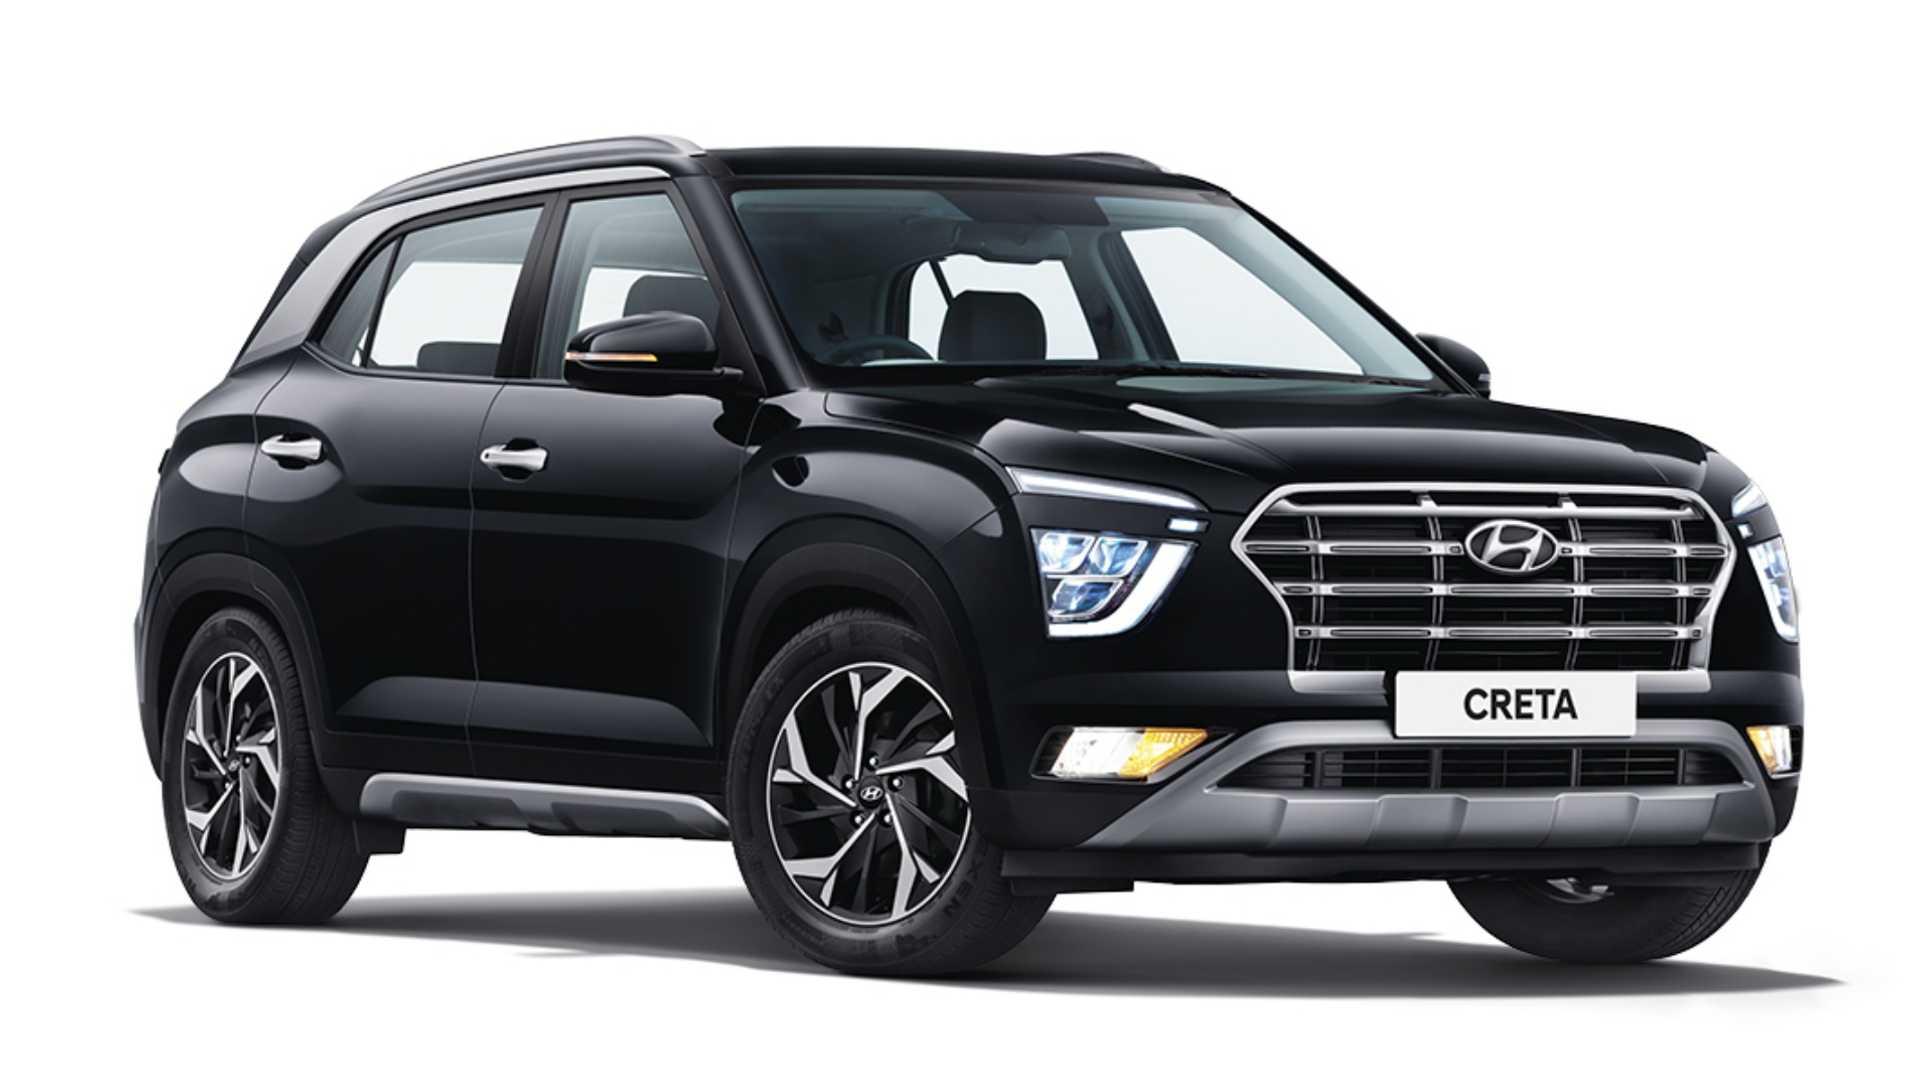 Novo Hyundai Creta deve ficar assim